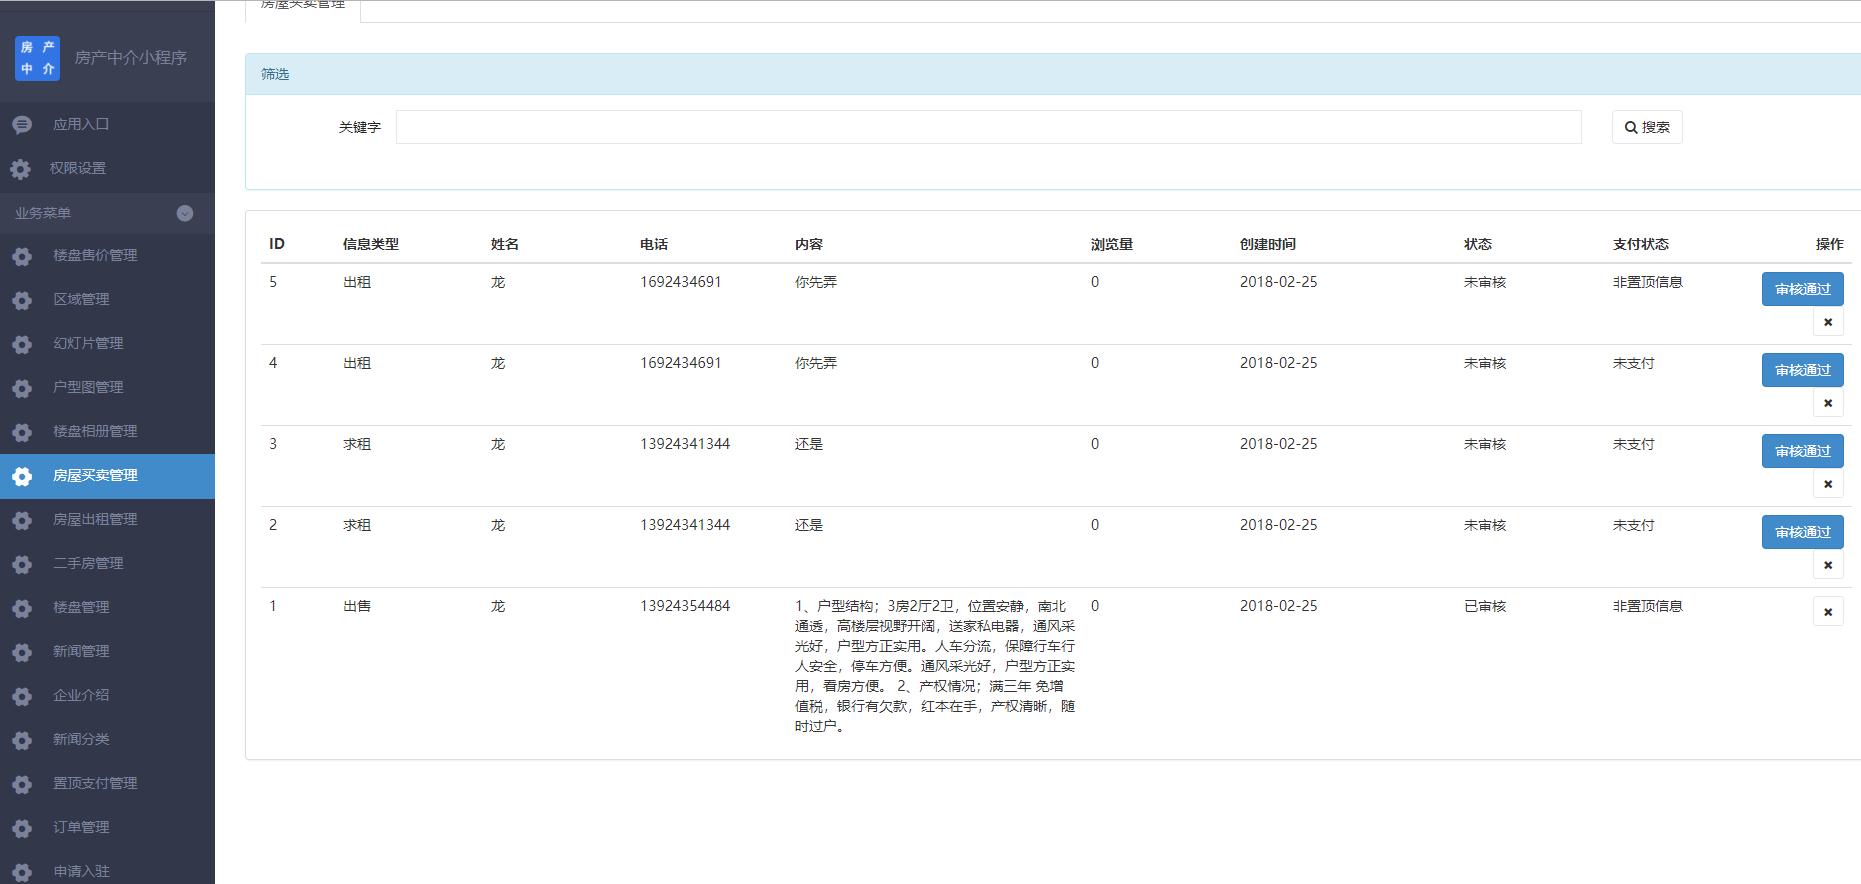 房产中介小程序 2.8 小程序前端+后端下载 微信端房产行业小程序应用功能 微信房屋信息-菜鸟源码资源站